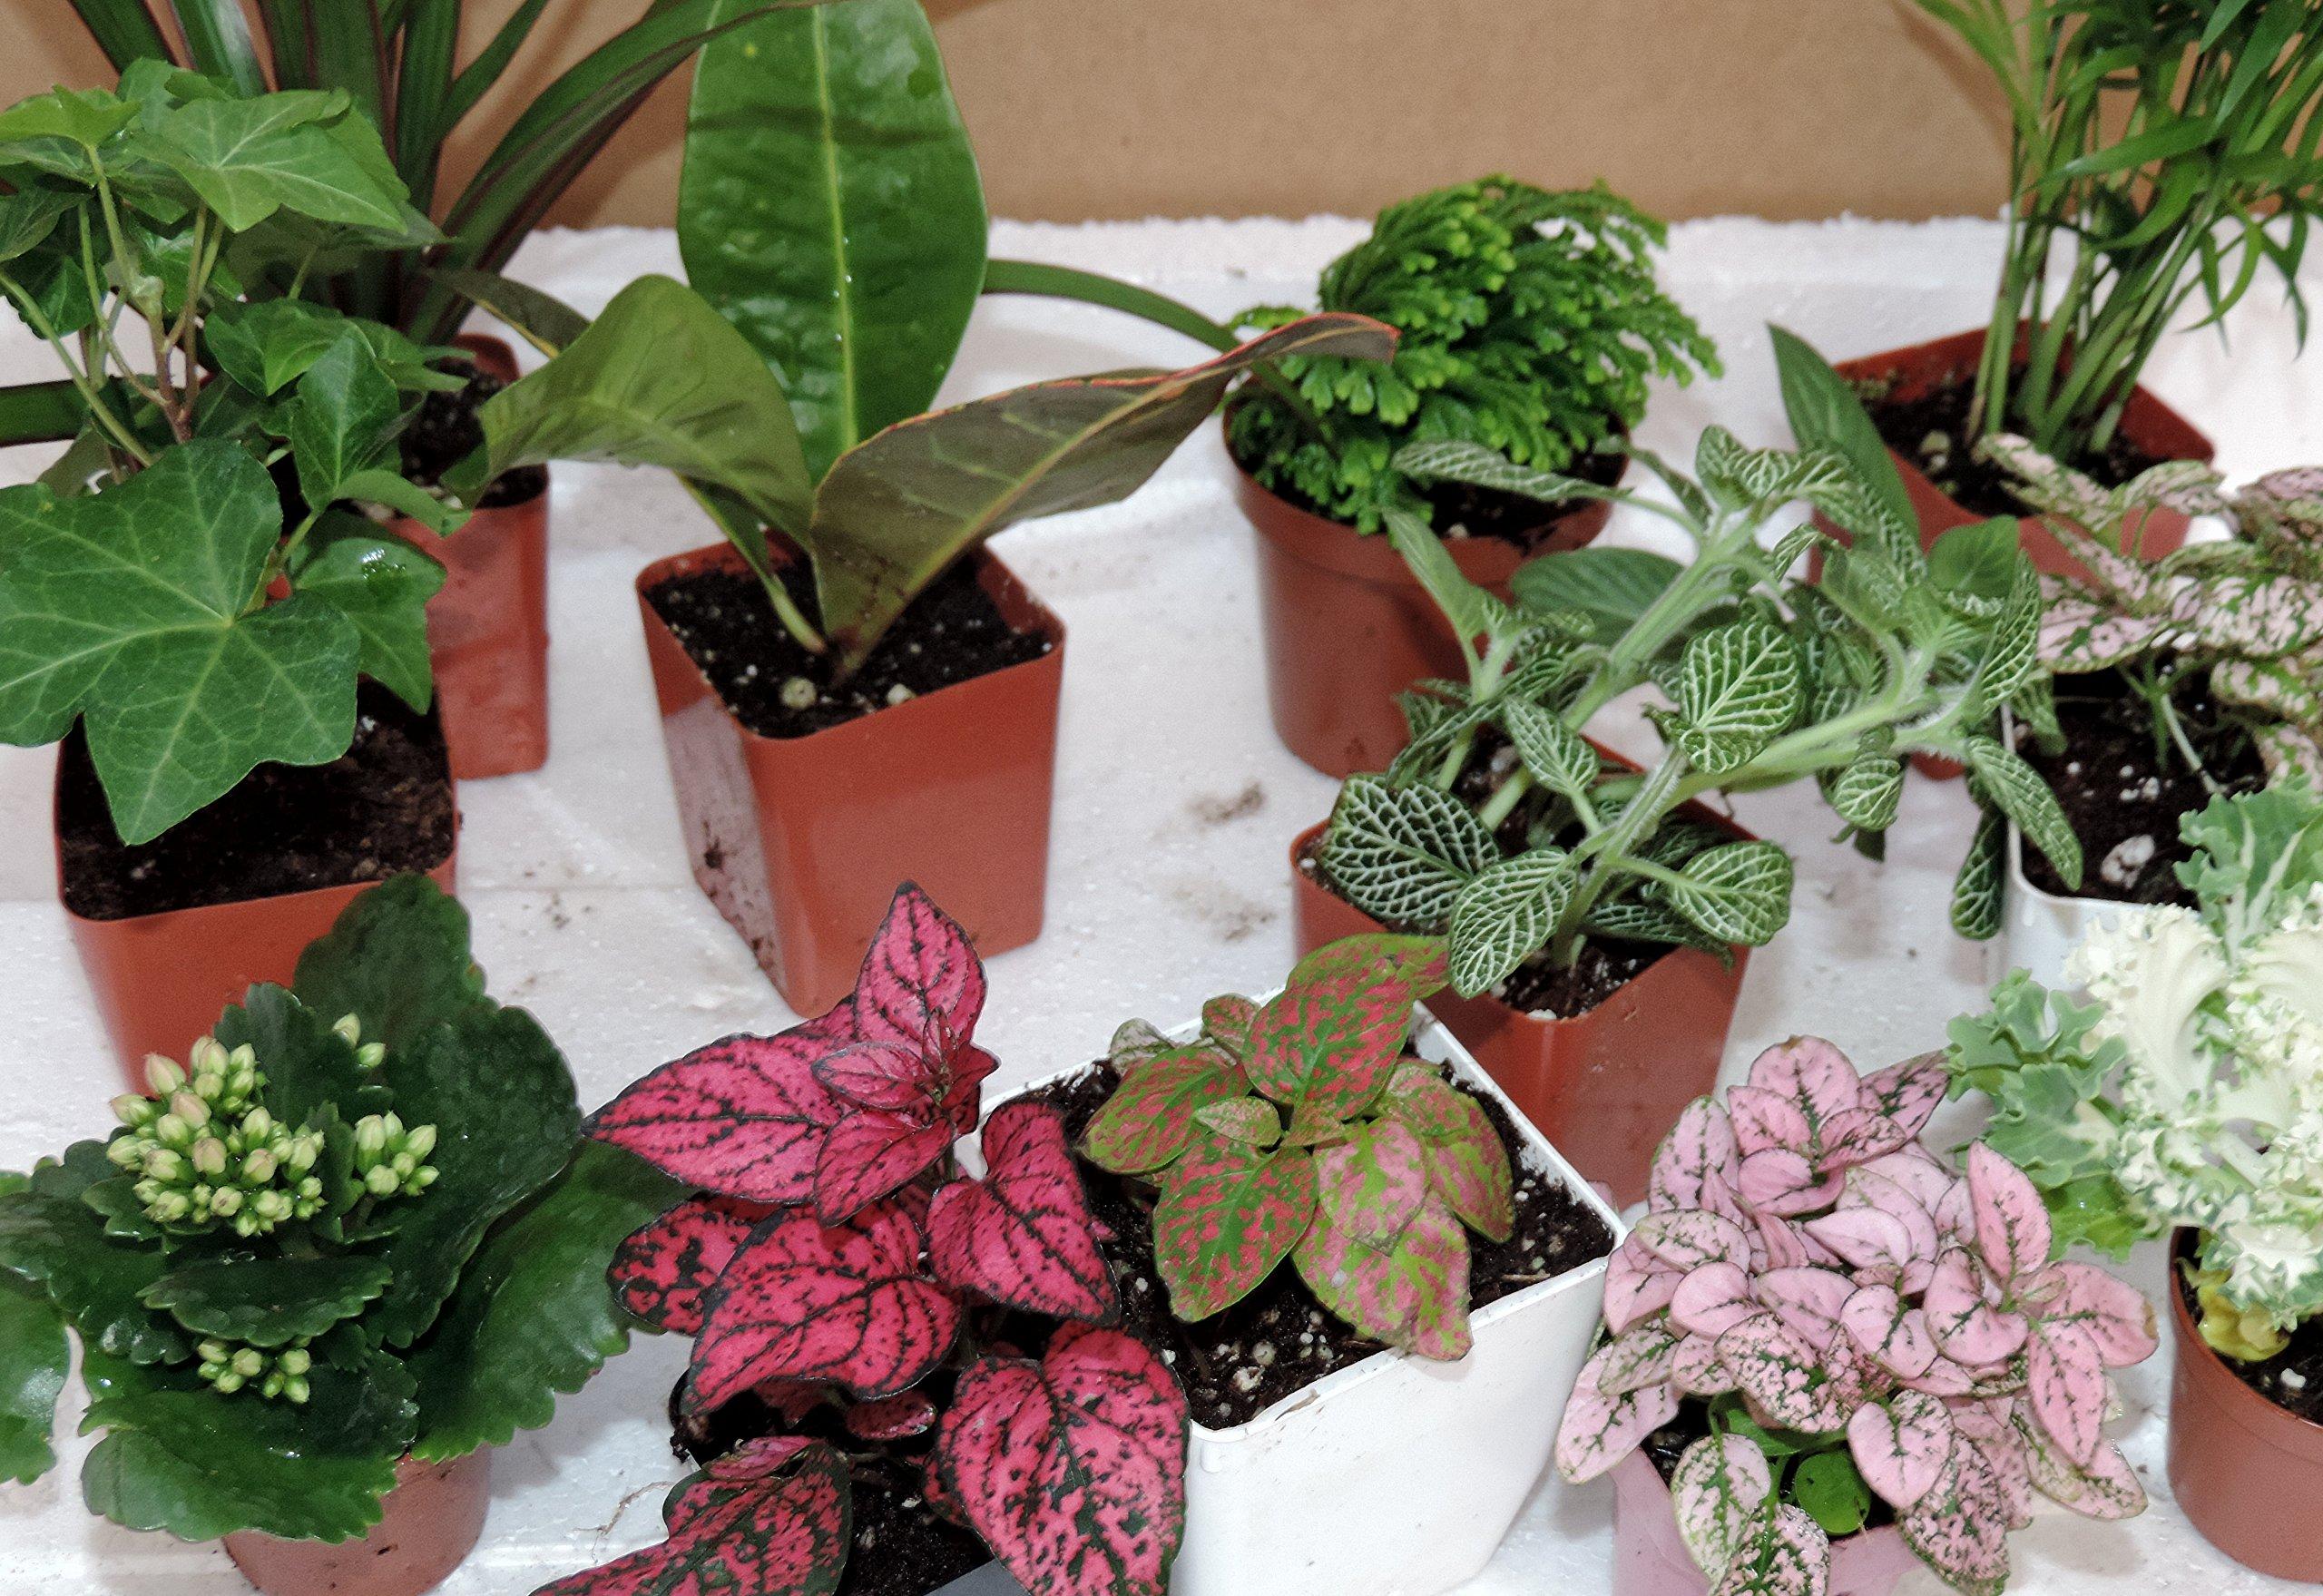 Terrarium & Fairy Garden Plants - 10 Plants in 2.5'' pots unique-jmbamboo